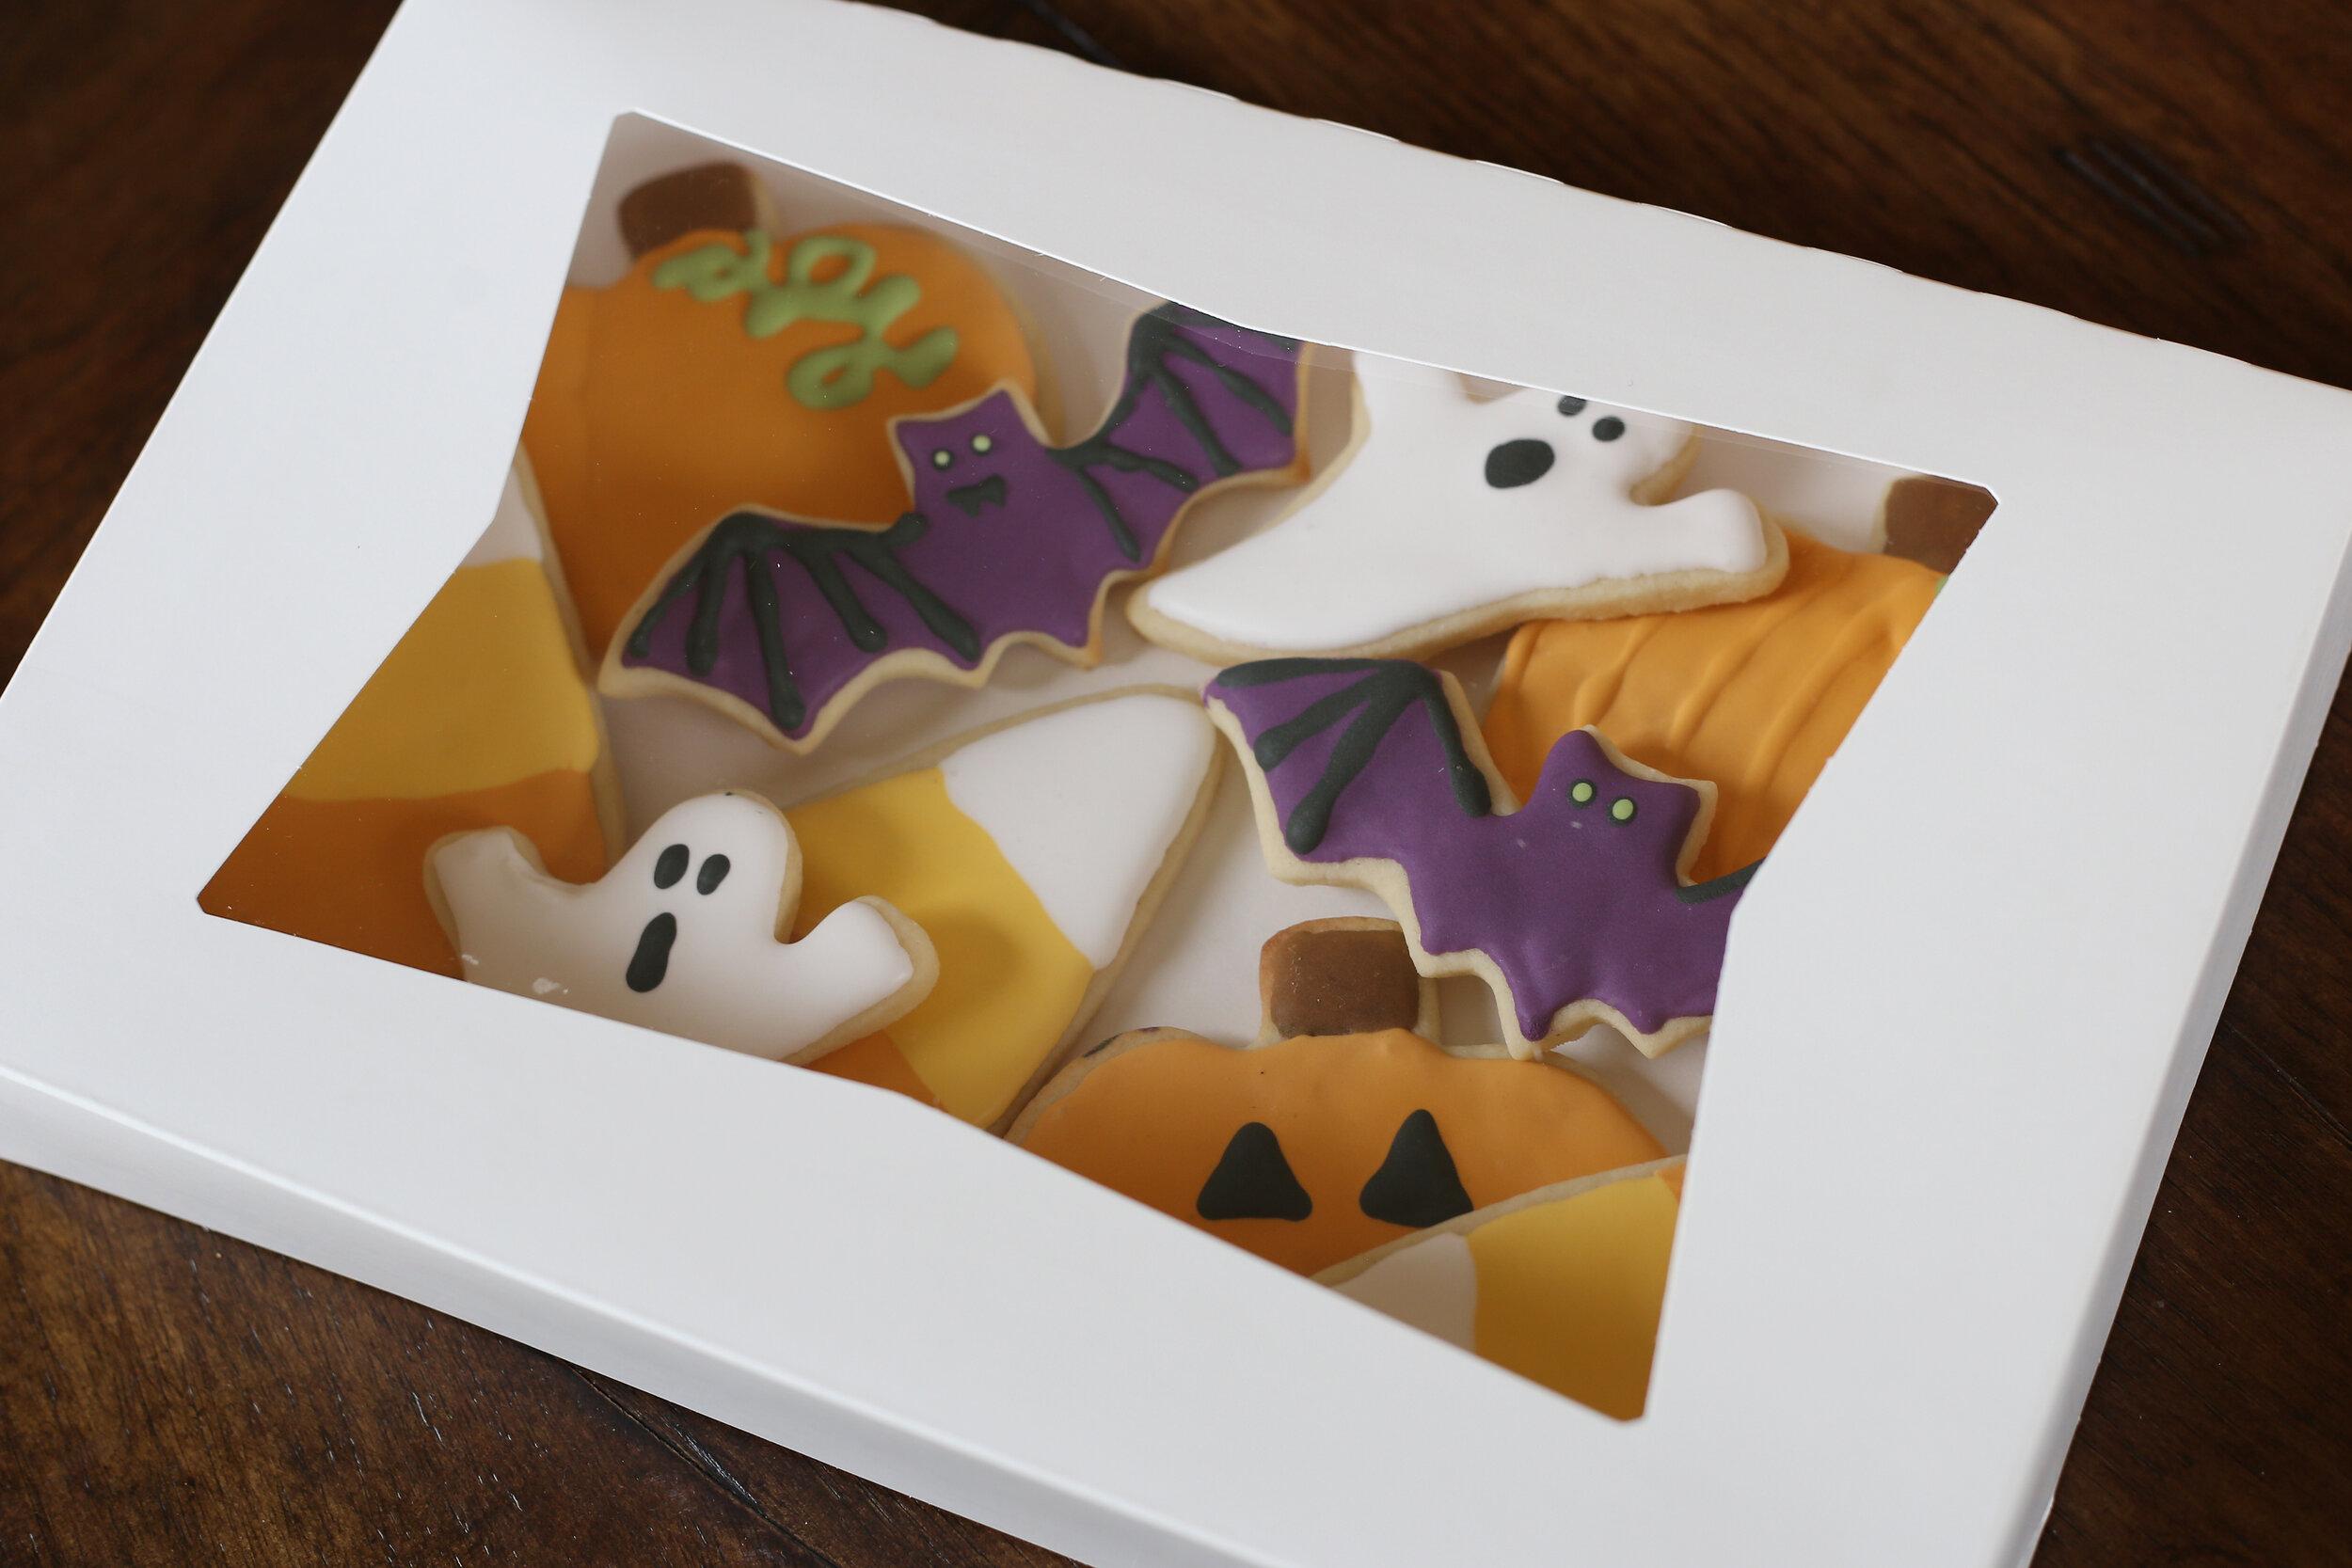 HalloweenCookies4.jpg